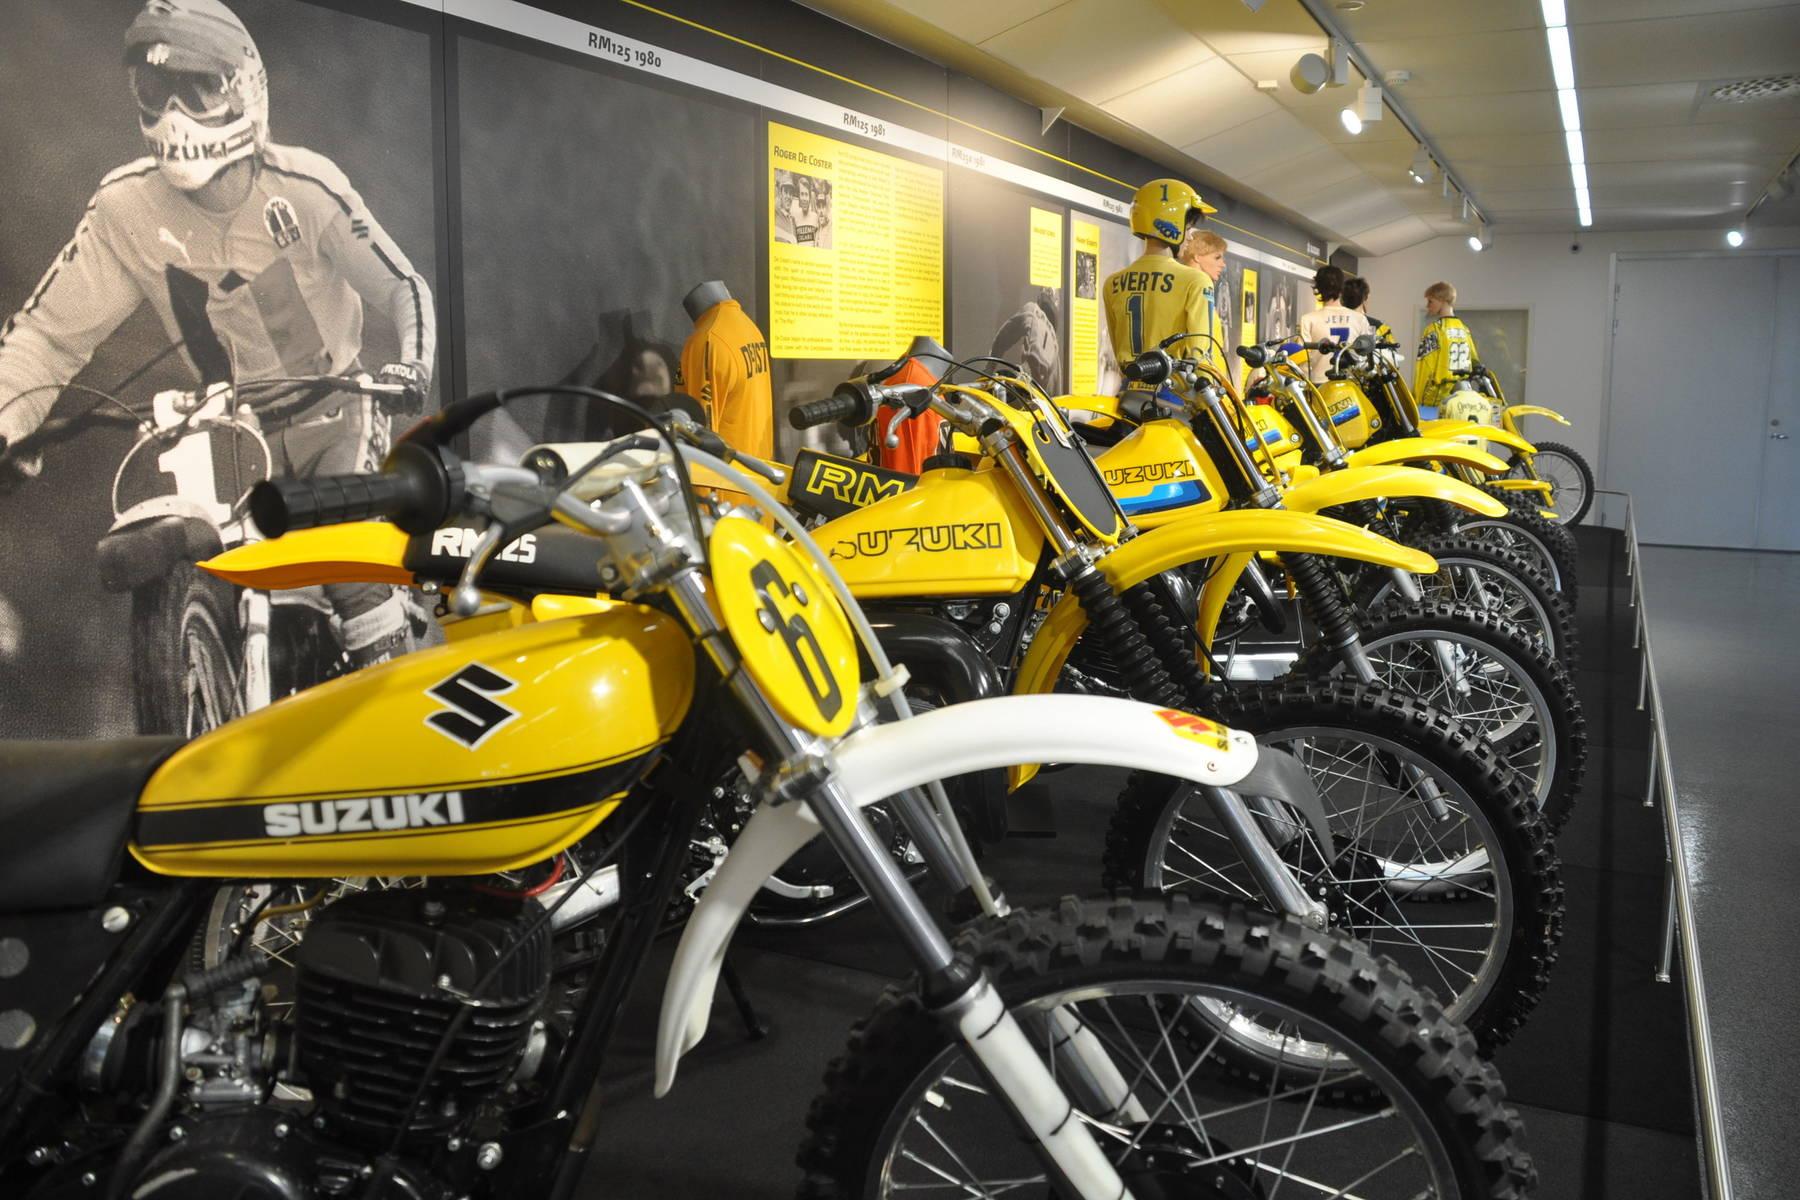 Motorcrossmuseum in Vimmerby in Småland